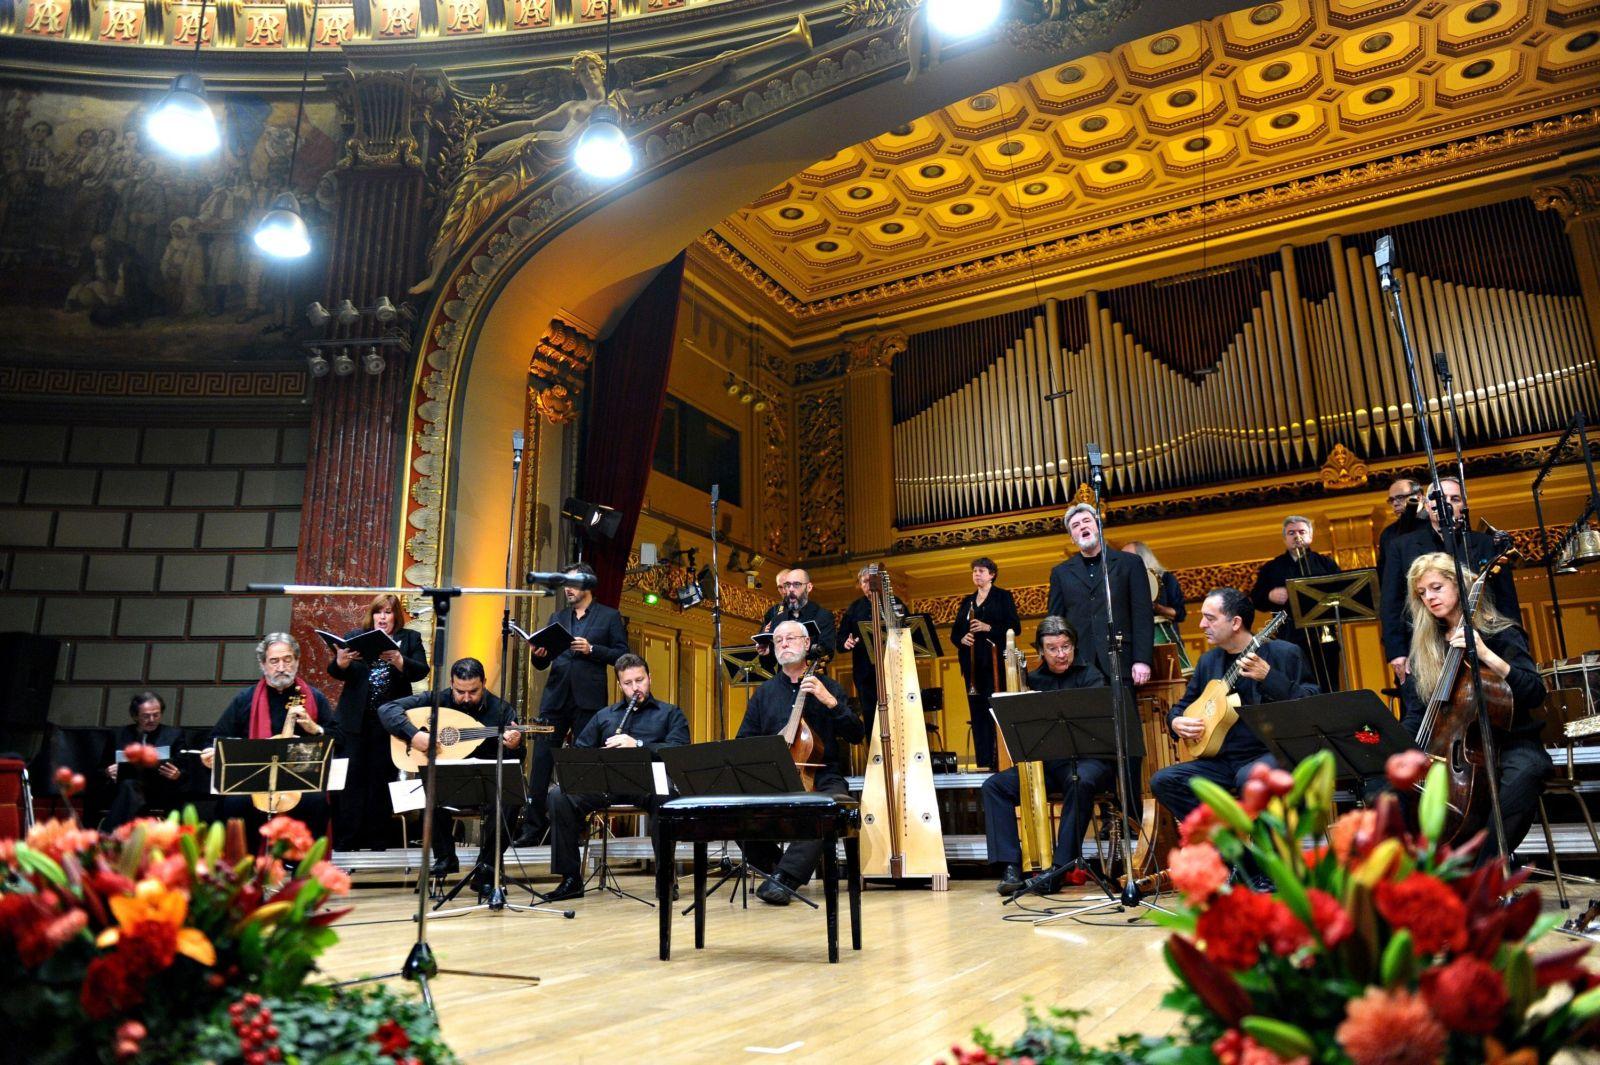 Hesperion Jordi Savall Romanian Athenaeum Bucharest DINASTIA BORGIA - Biserica si puterea în Renastere